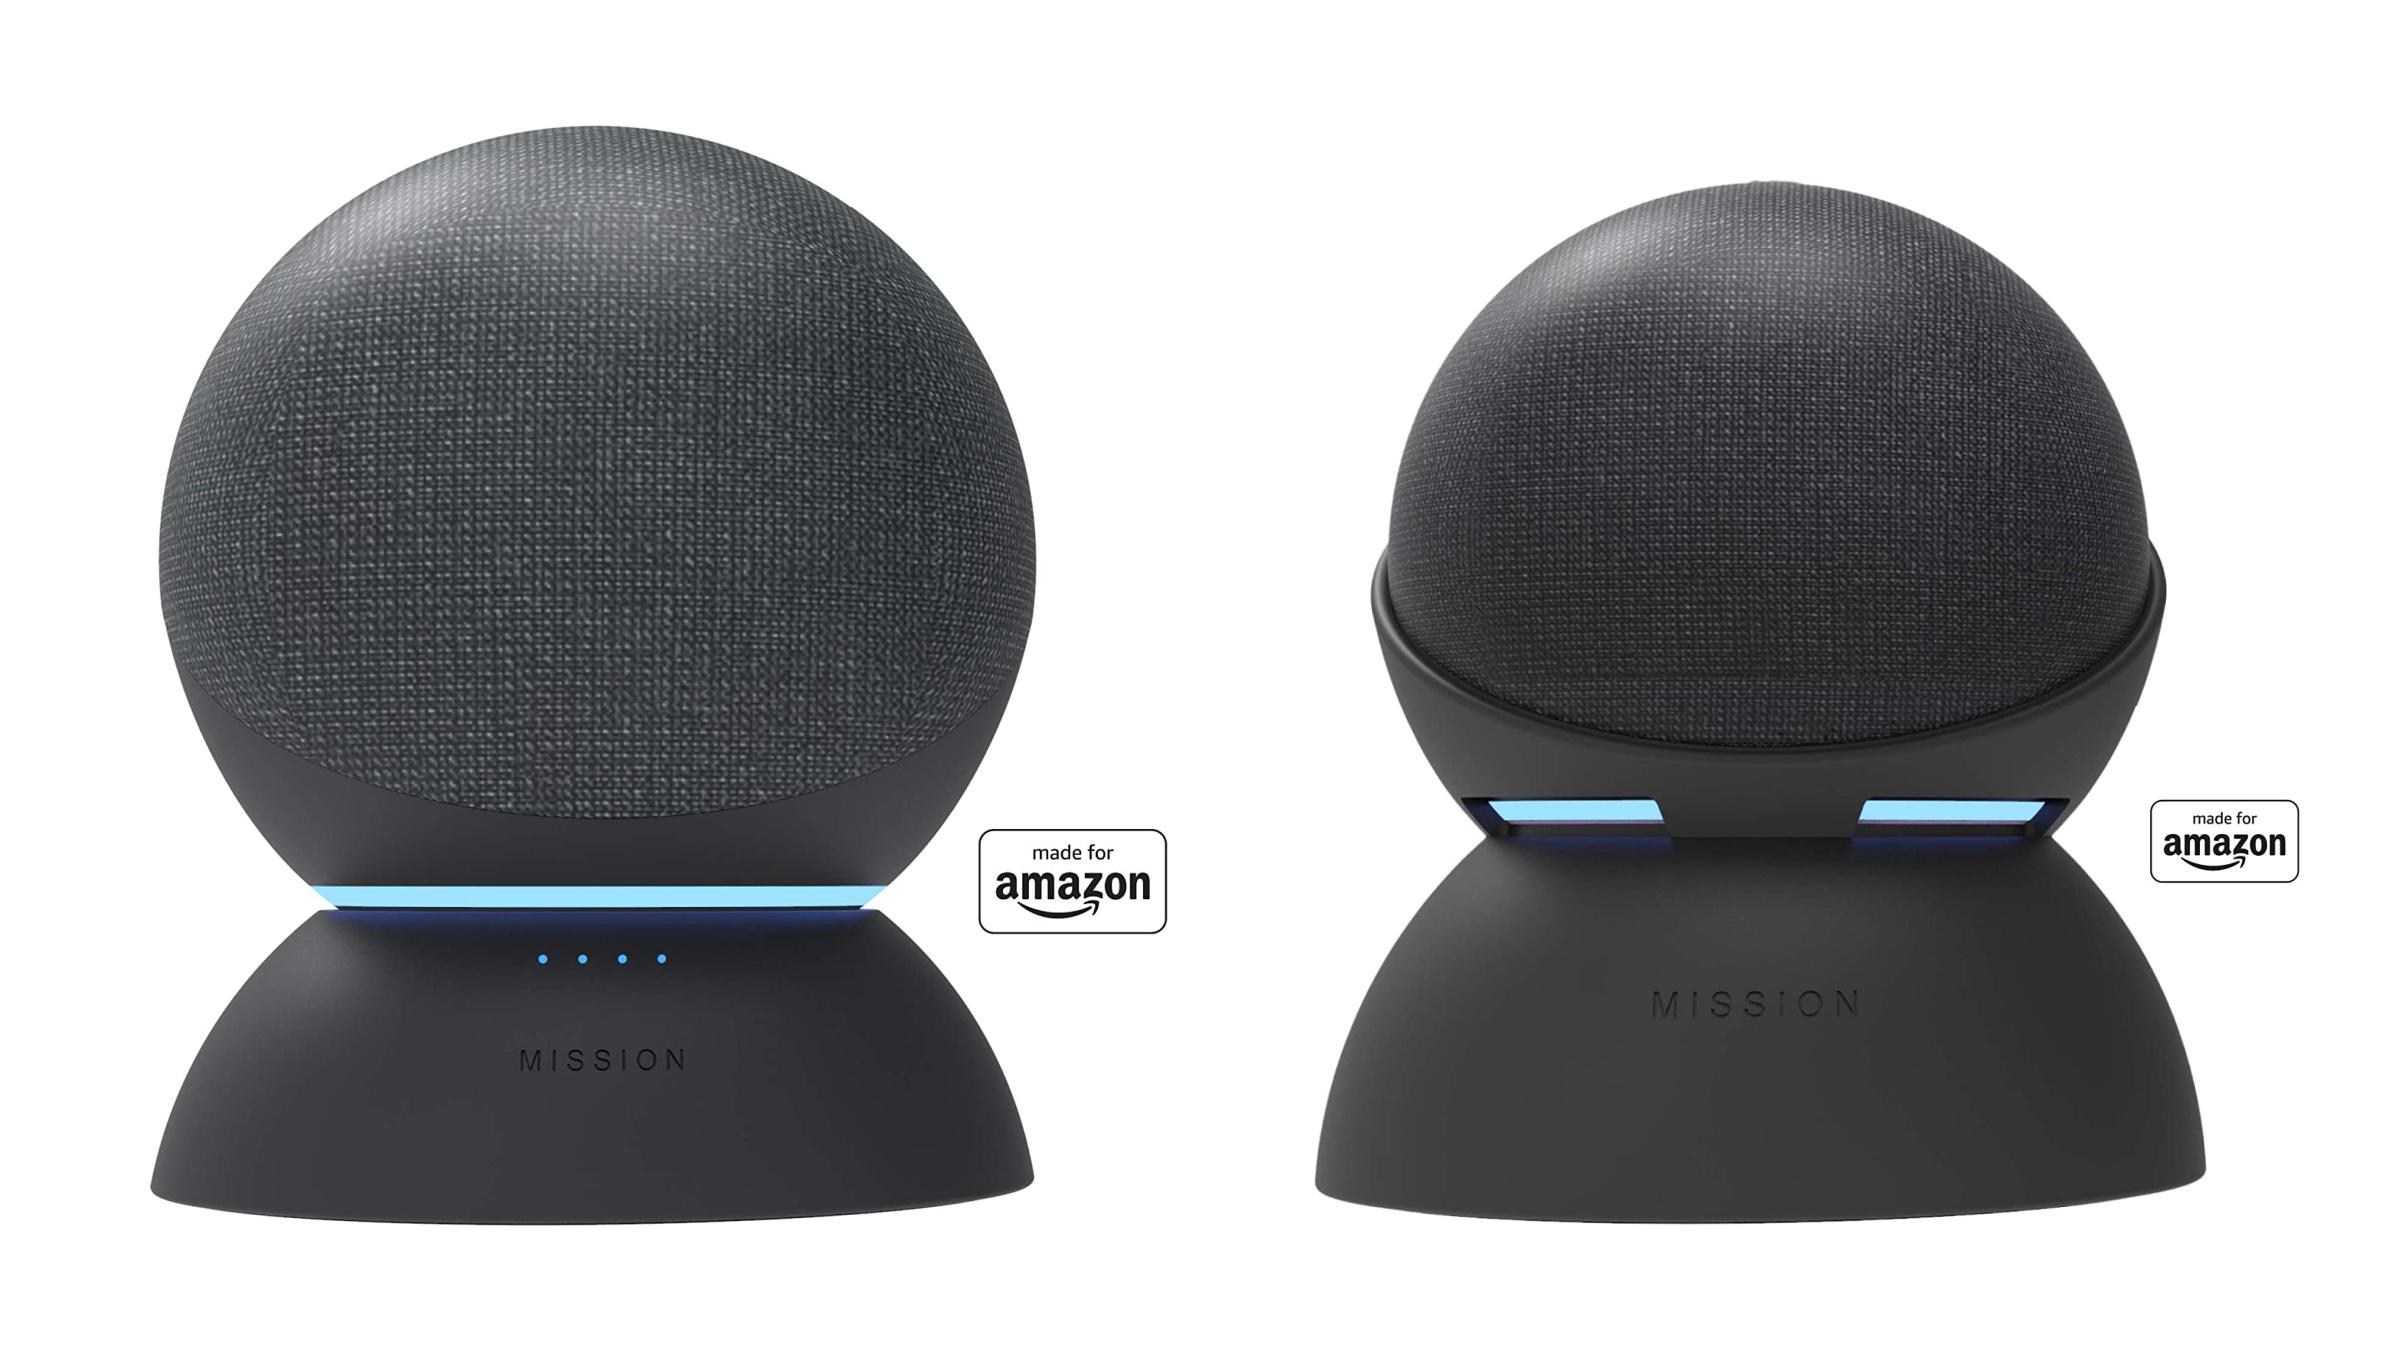 Les Amazon Echo et Echo Dot peuvent désormais fonctionner sur batterie